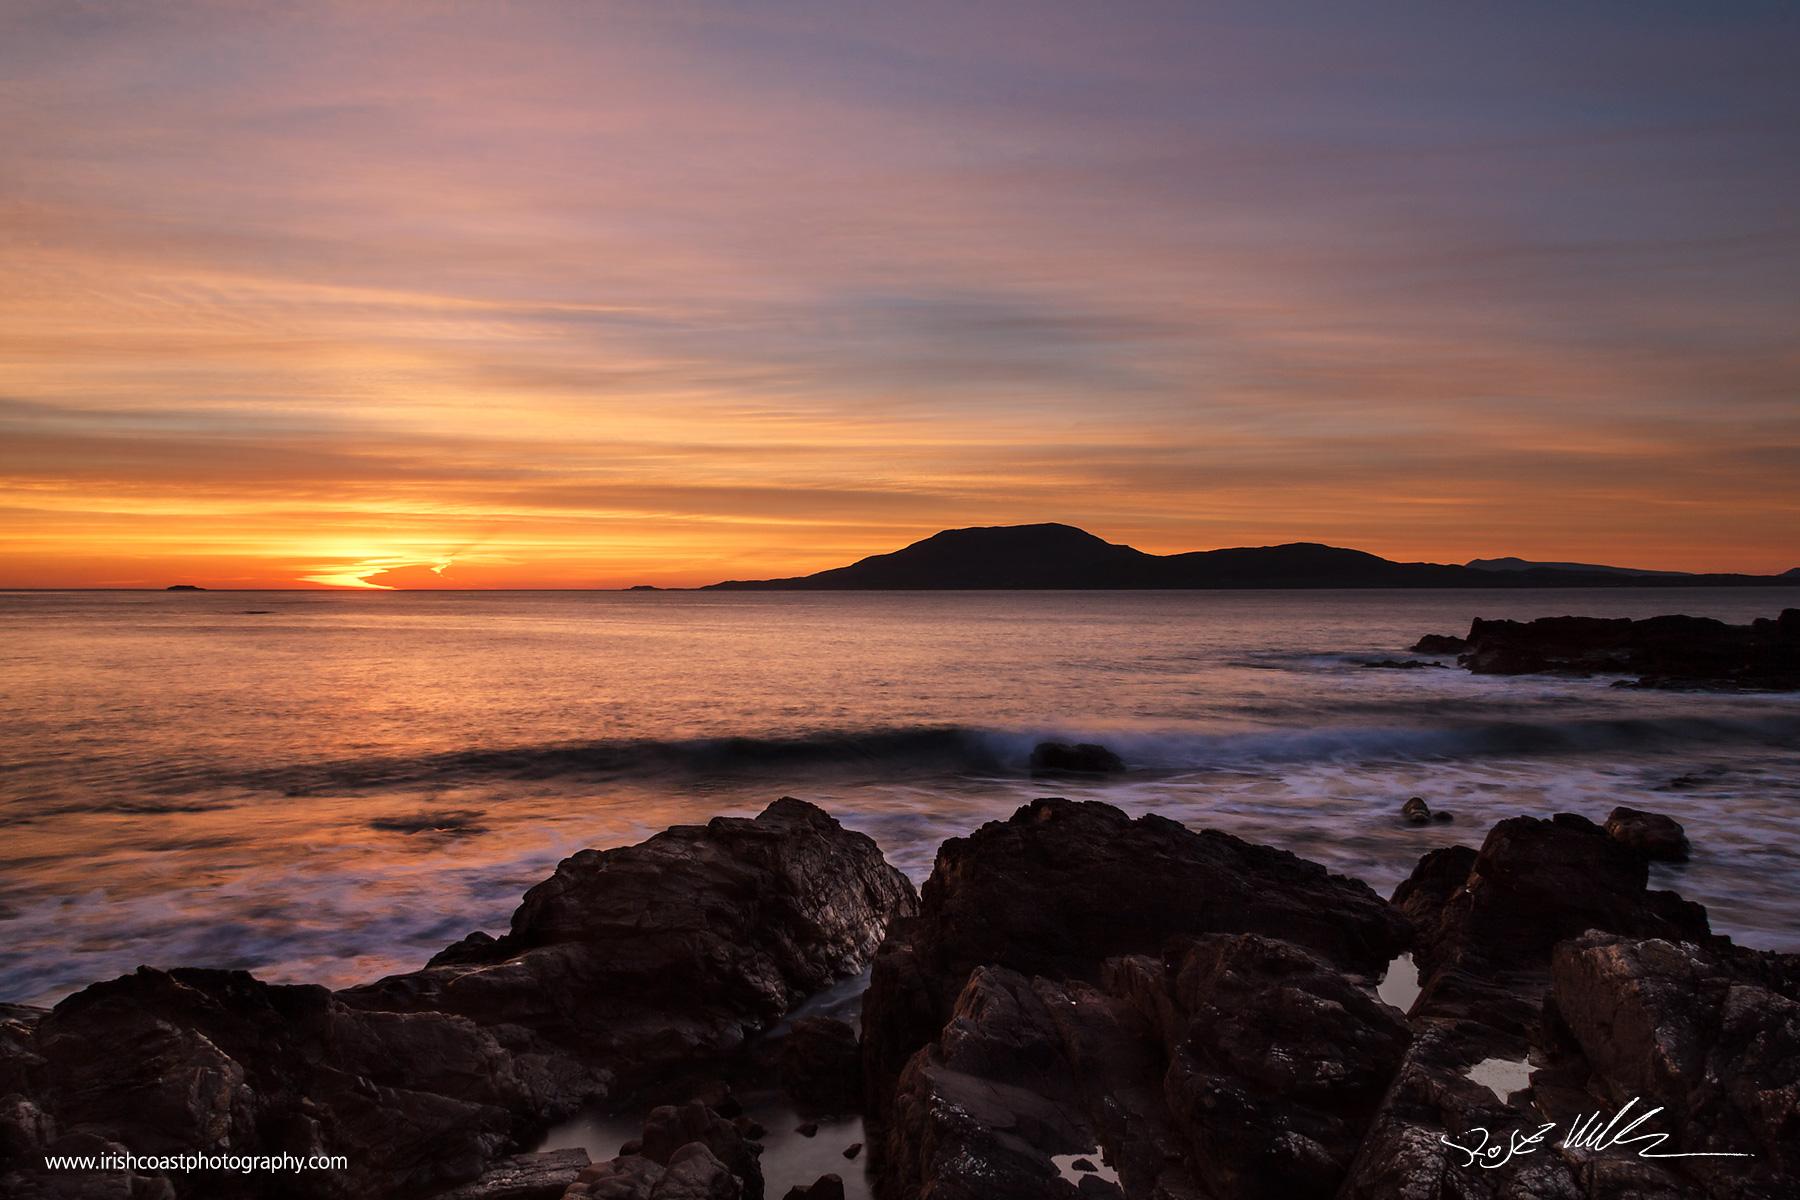 Roonagh-cliffs-sunset-26-03-17.jpg